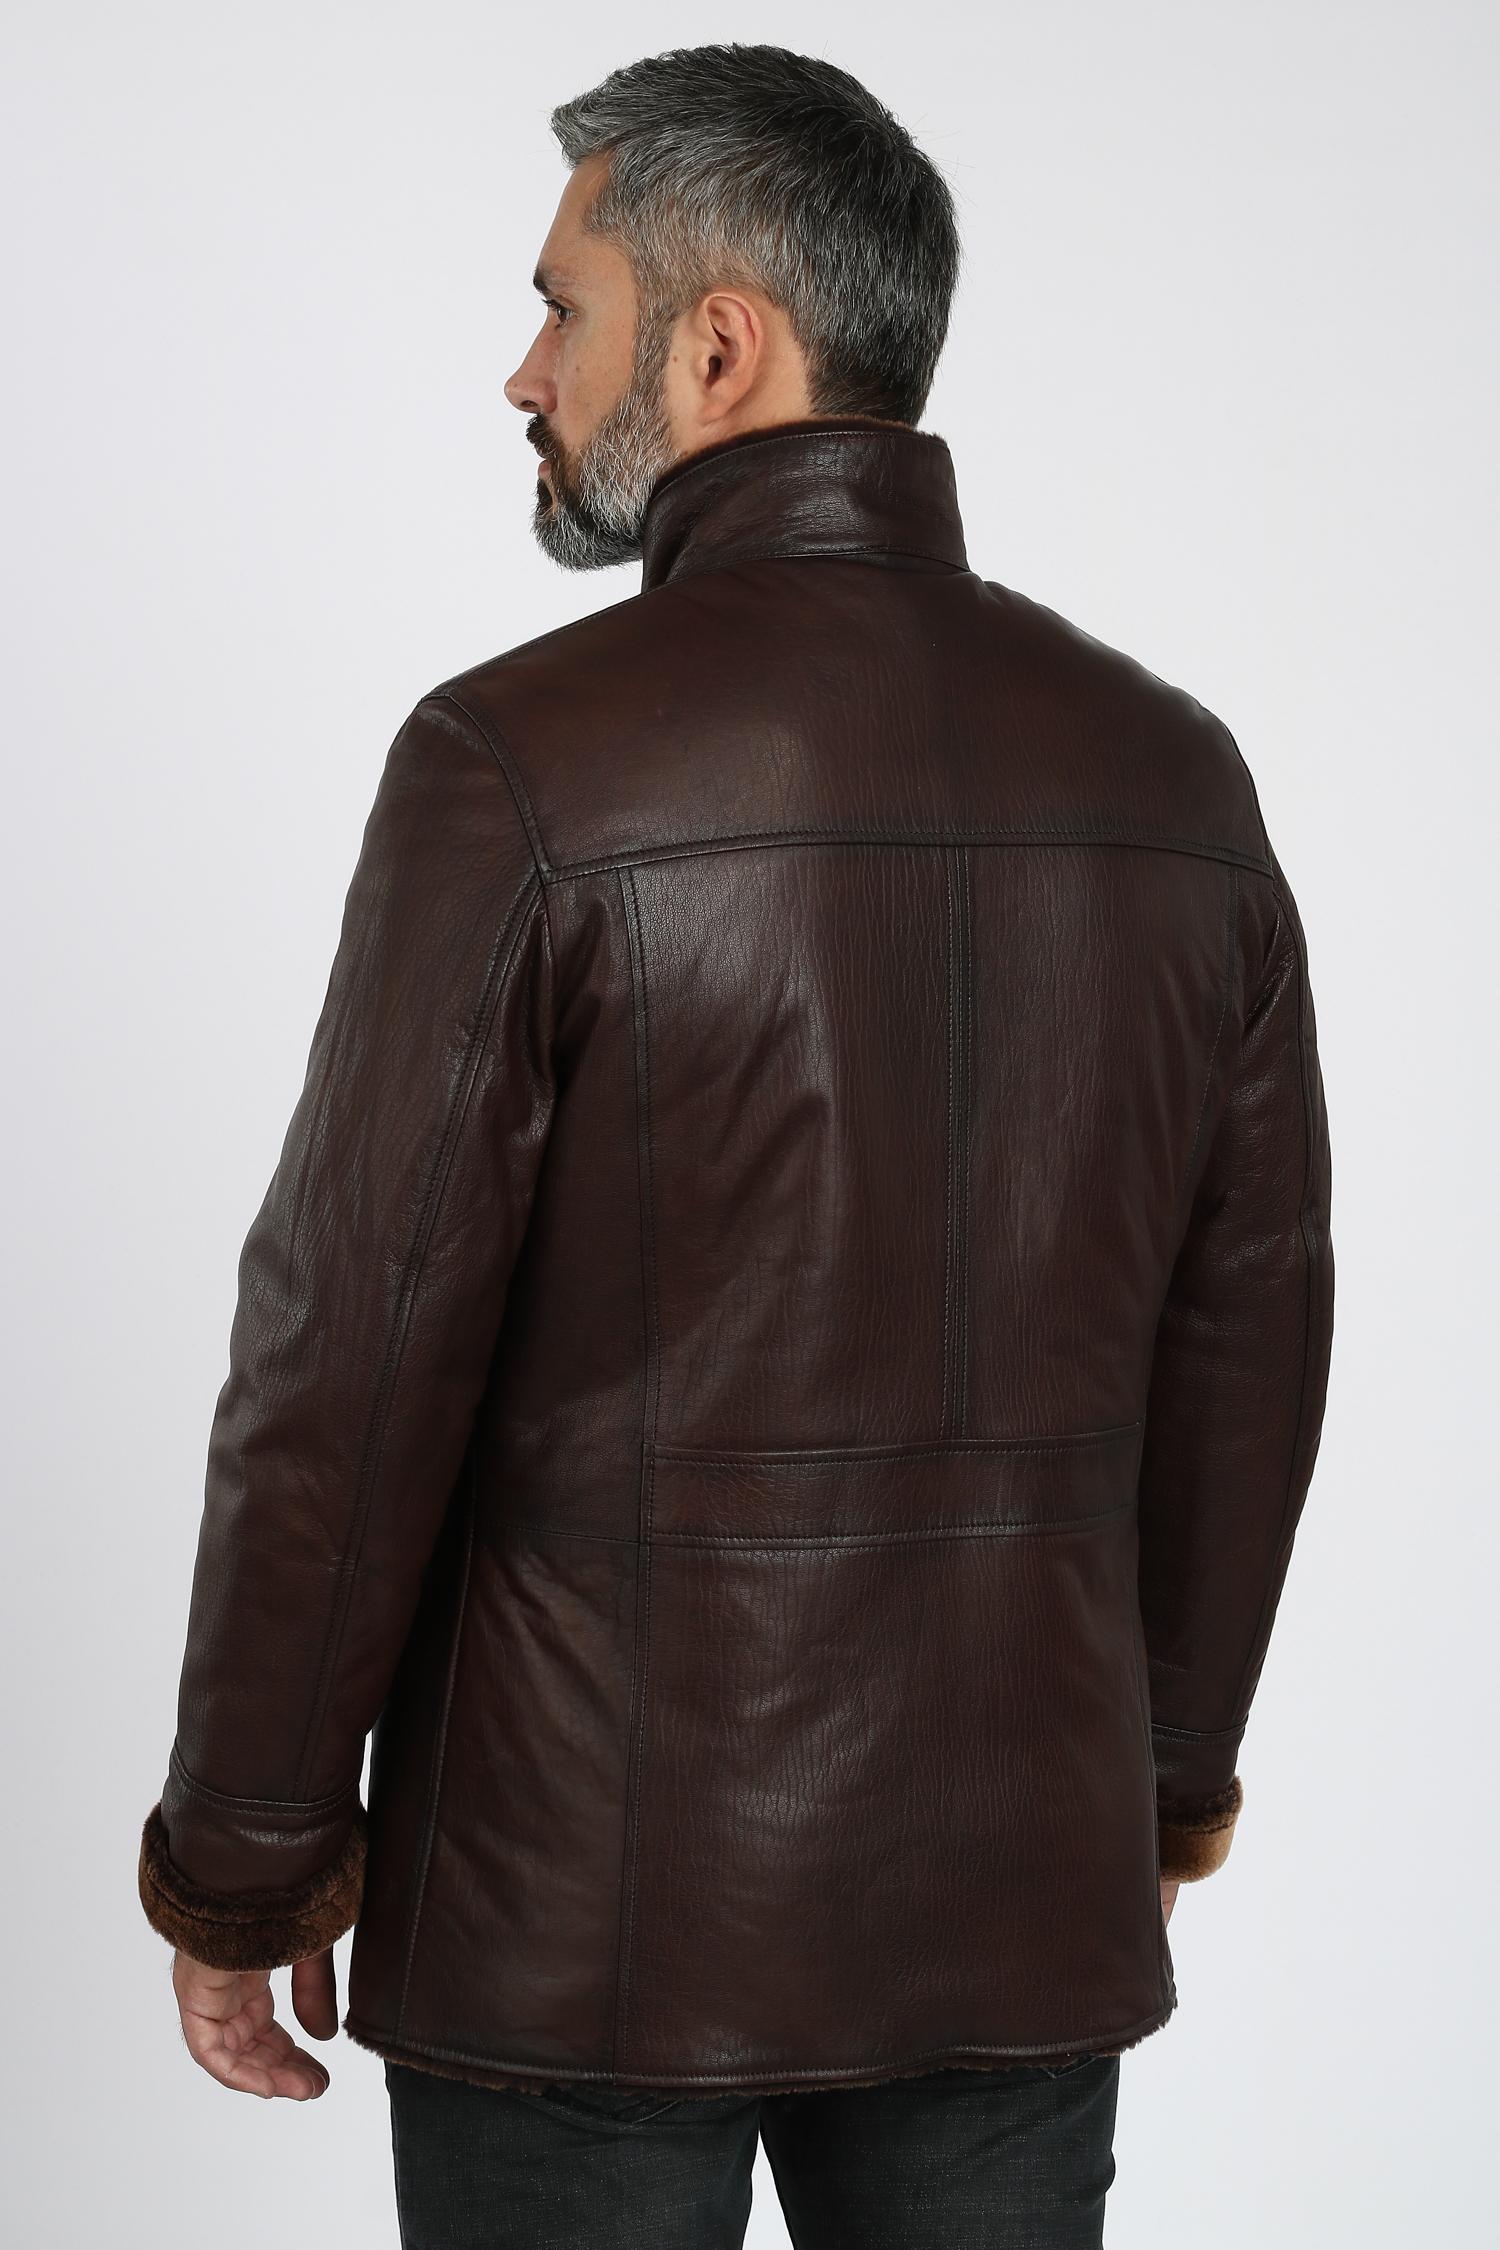 Мужская кожаная куртка из натуральной кожи на меху с воротником, без отделки